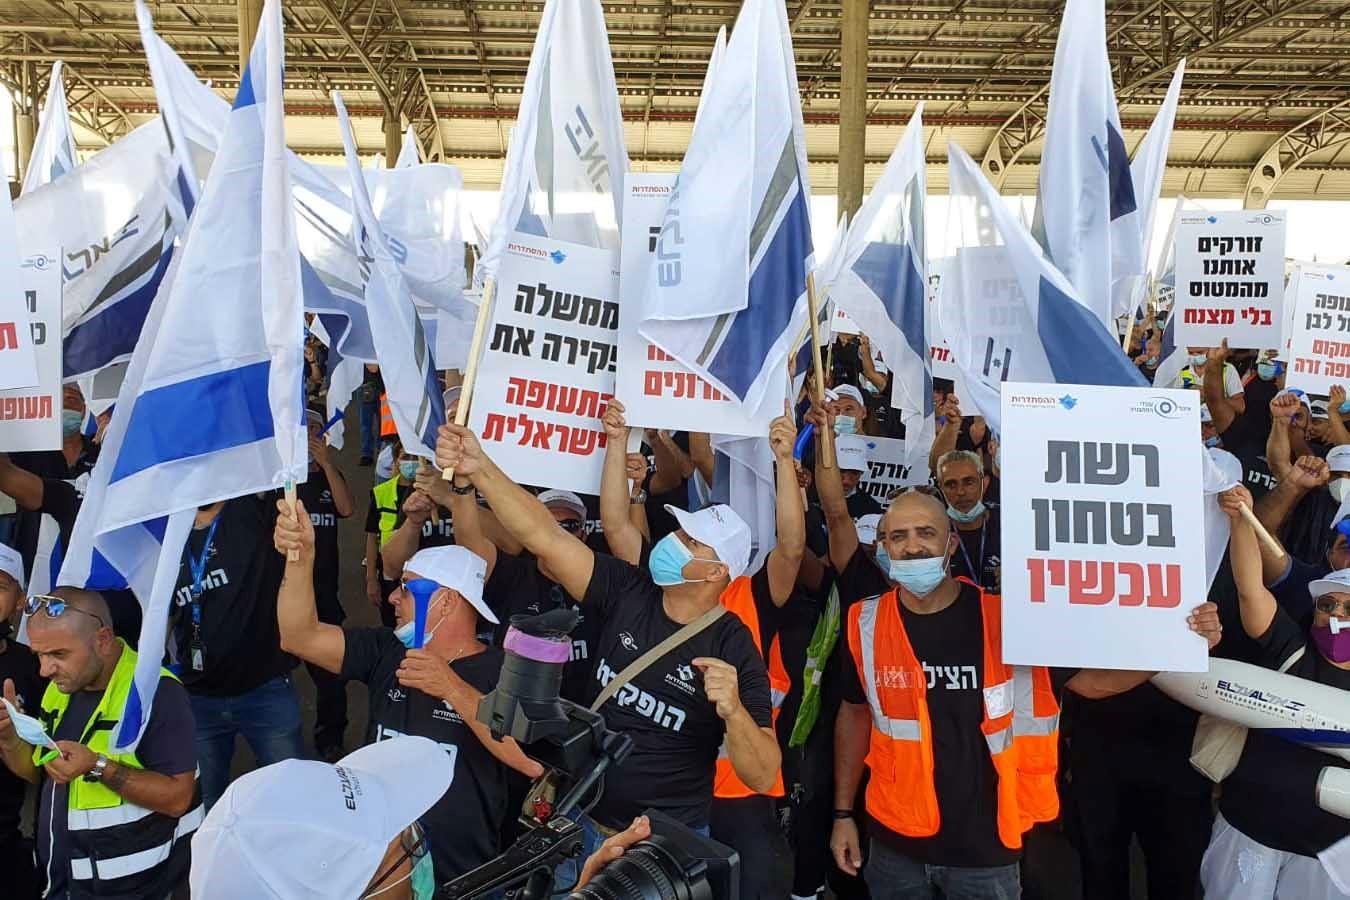 """לאחר ההפגנה בנתב""""ג: ההסתדרות עומדת להכריז סכסוך עבודה של כלל עובדי התעופה"""